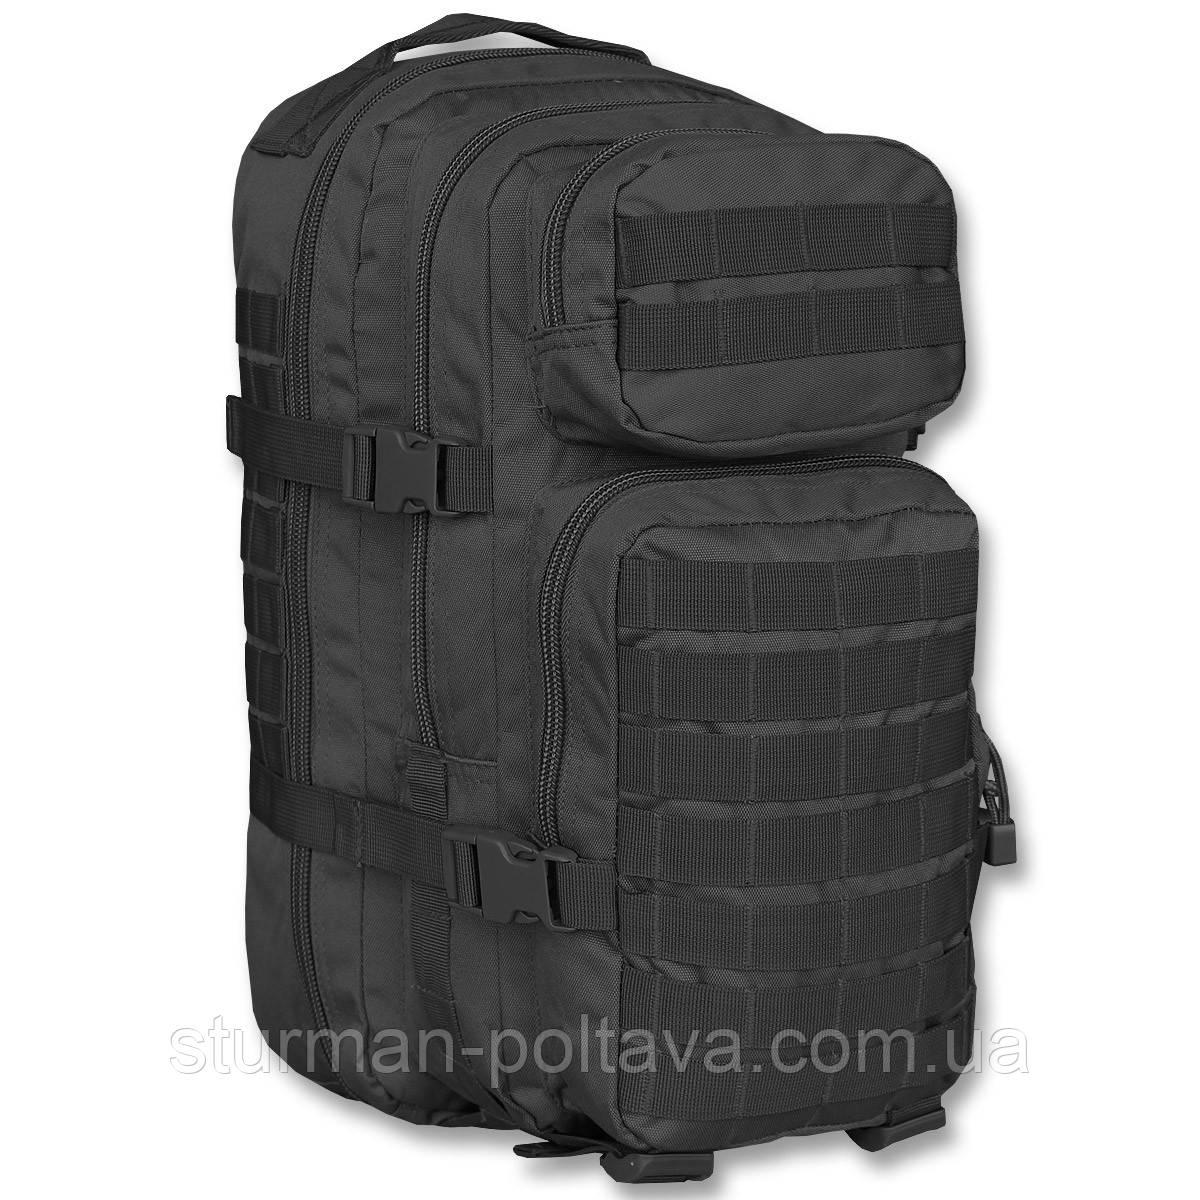 Рюкзак тактический  ASSAULT ( L -36 )  черный MiL-Tec    ГЕРМАНИЯ